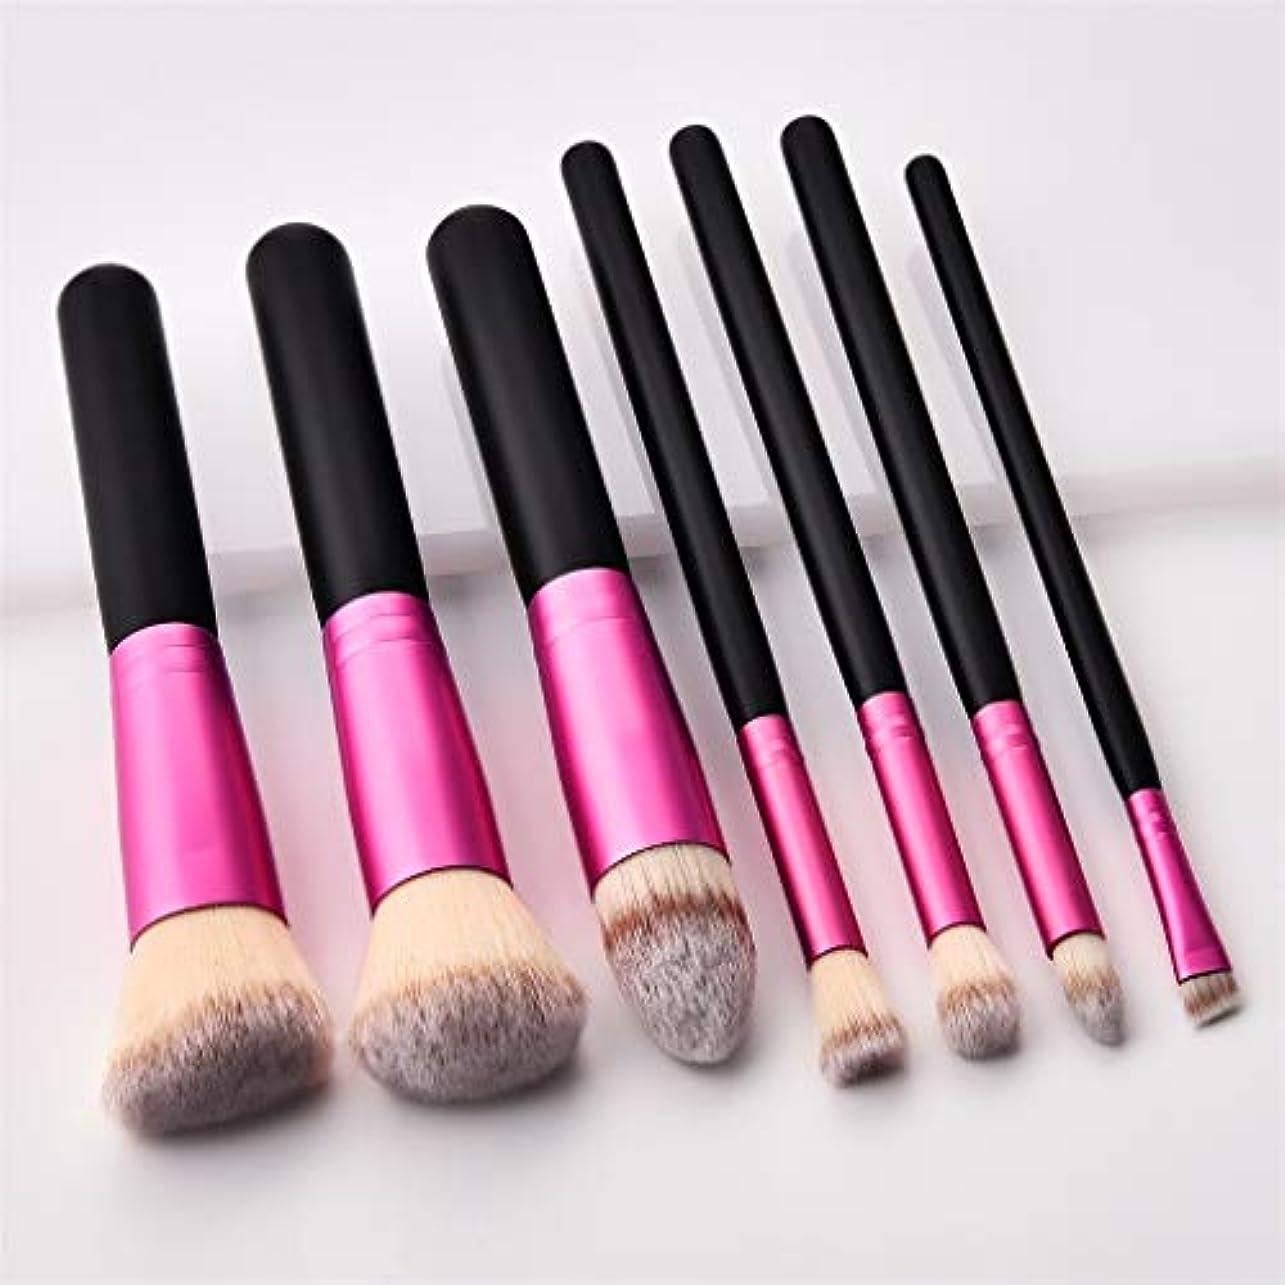 コマースセッション他にAkane 7本 GUJHUI 上等 優雅 ピンク 綺麗 美感 便利 高級 魅力的 柔らかい たっぷり 多機能 おしゃれ 激安 日常 仕事 Makeup Brush メイクアップブラシ T-07-060